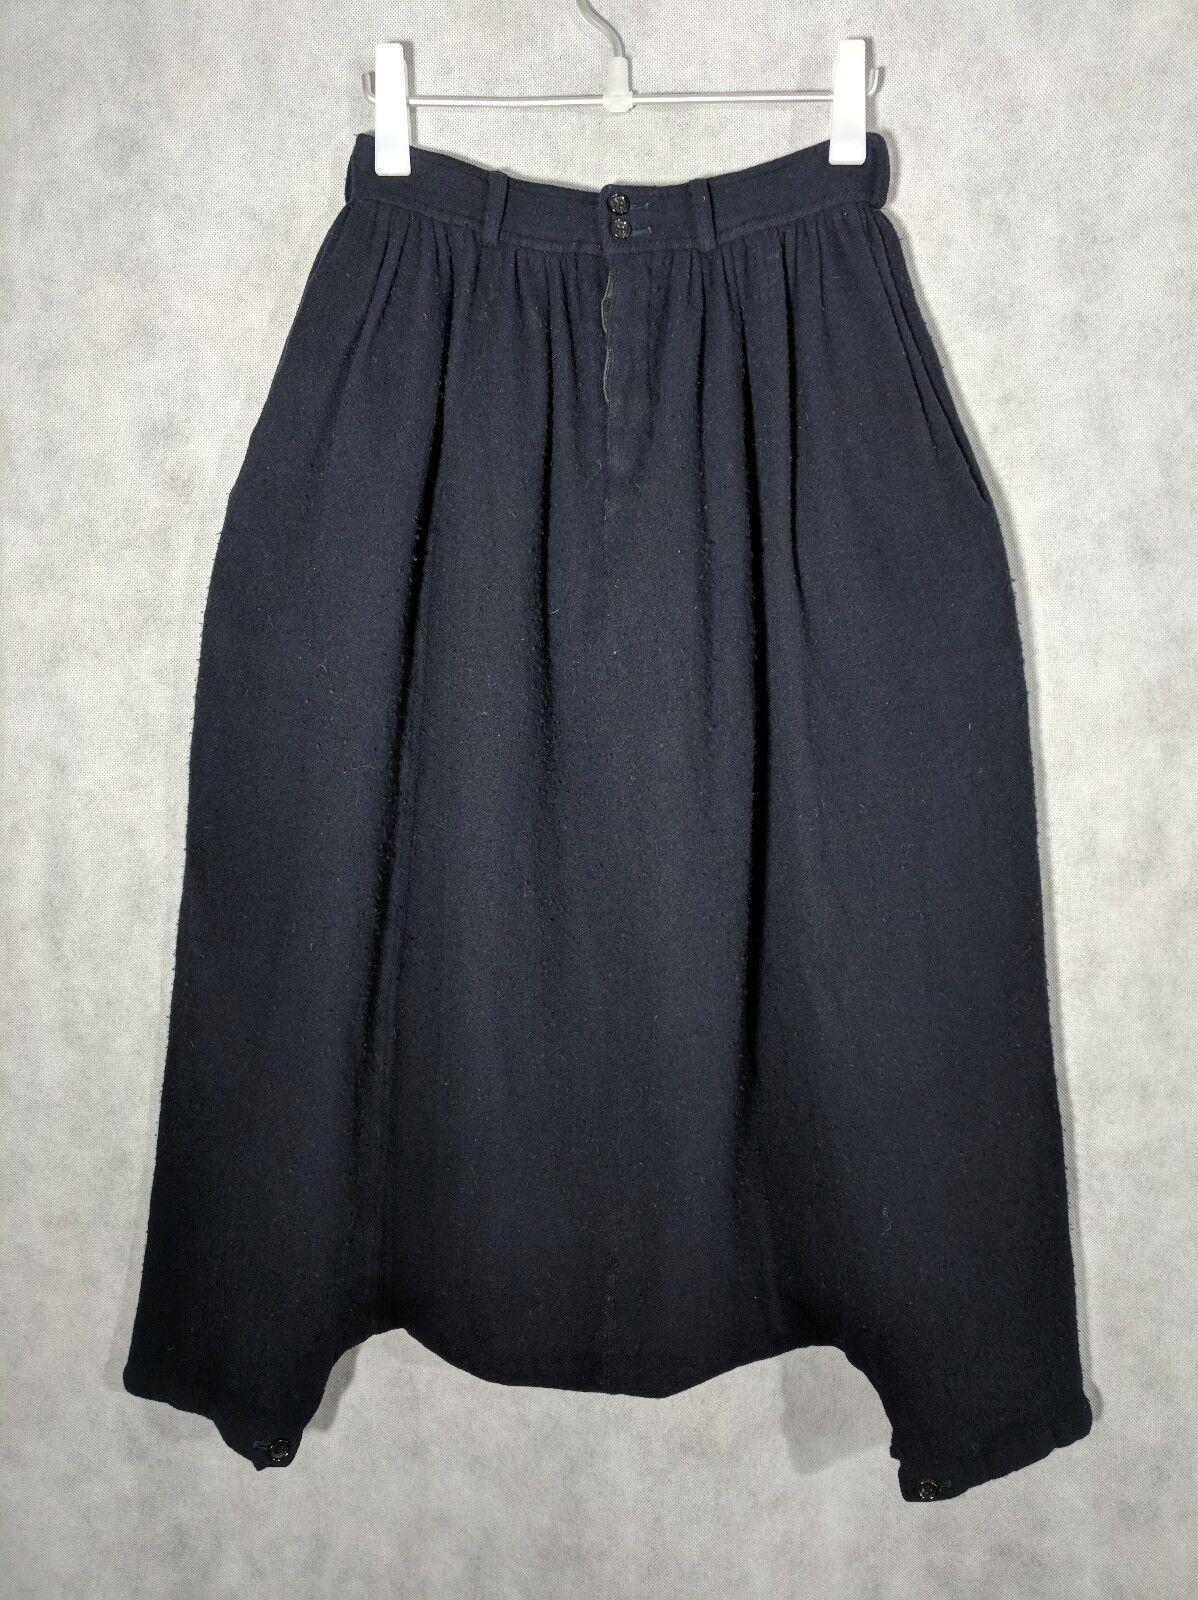 Comme des Garcons FW 2006 Harem Sourrel Boiled Wool Pants Shorts